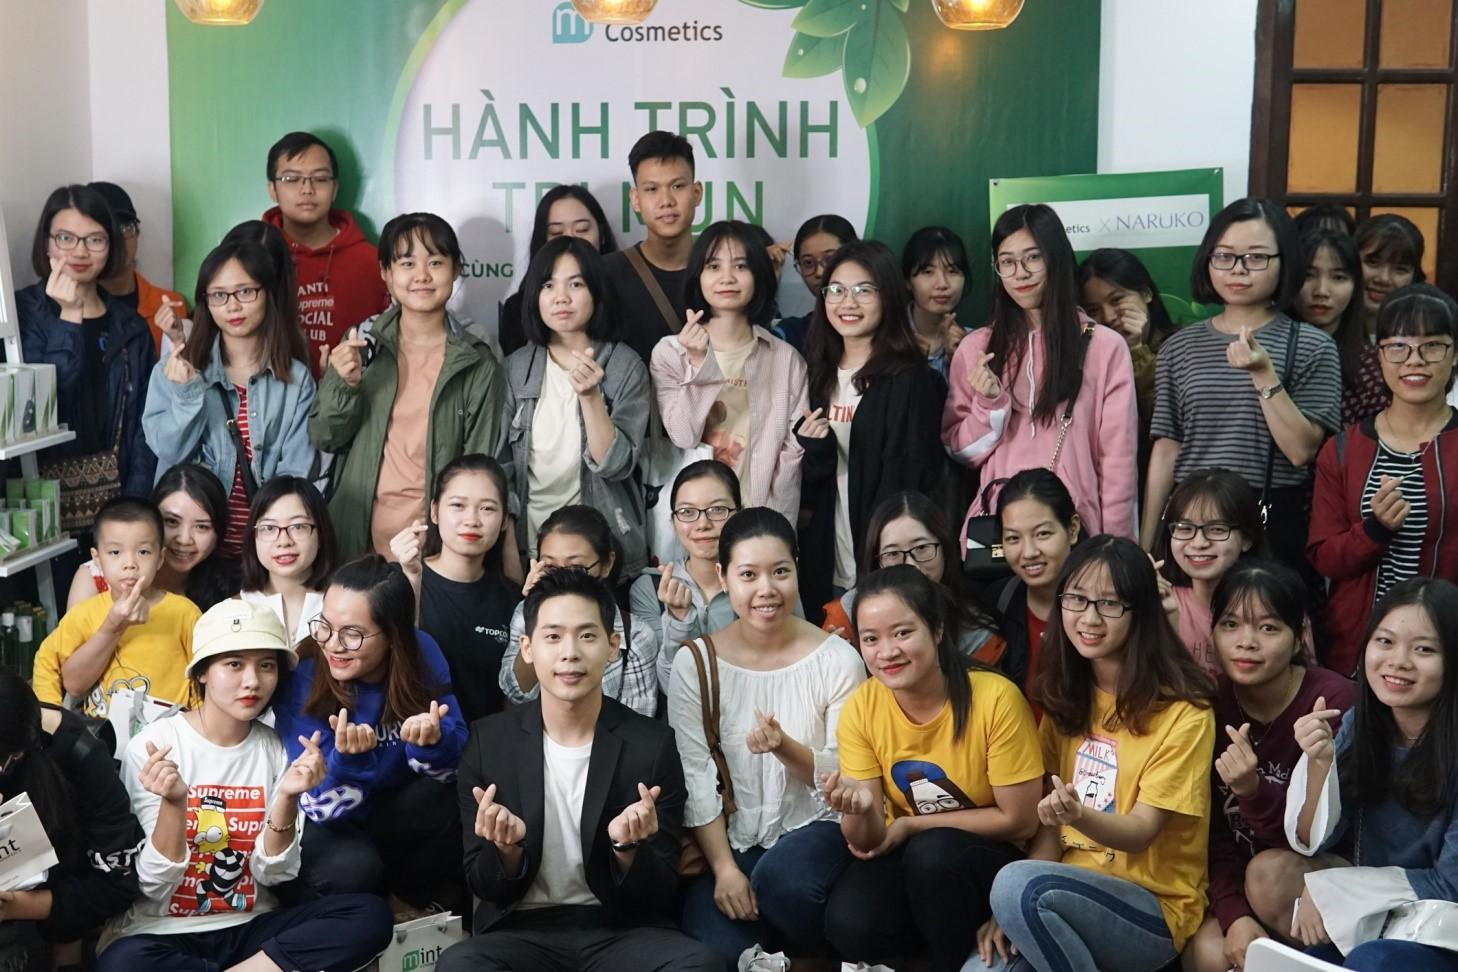 Buổi họp báo cùng người đại diện thương hiệu Naruko được đông đảo giới trẻ Hà Nội tham gia